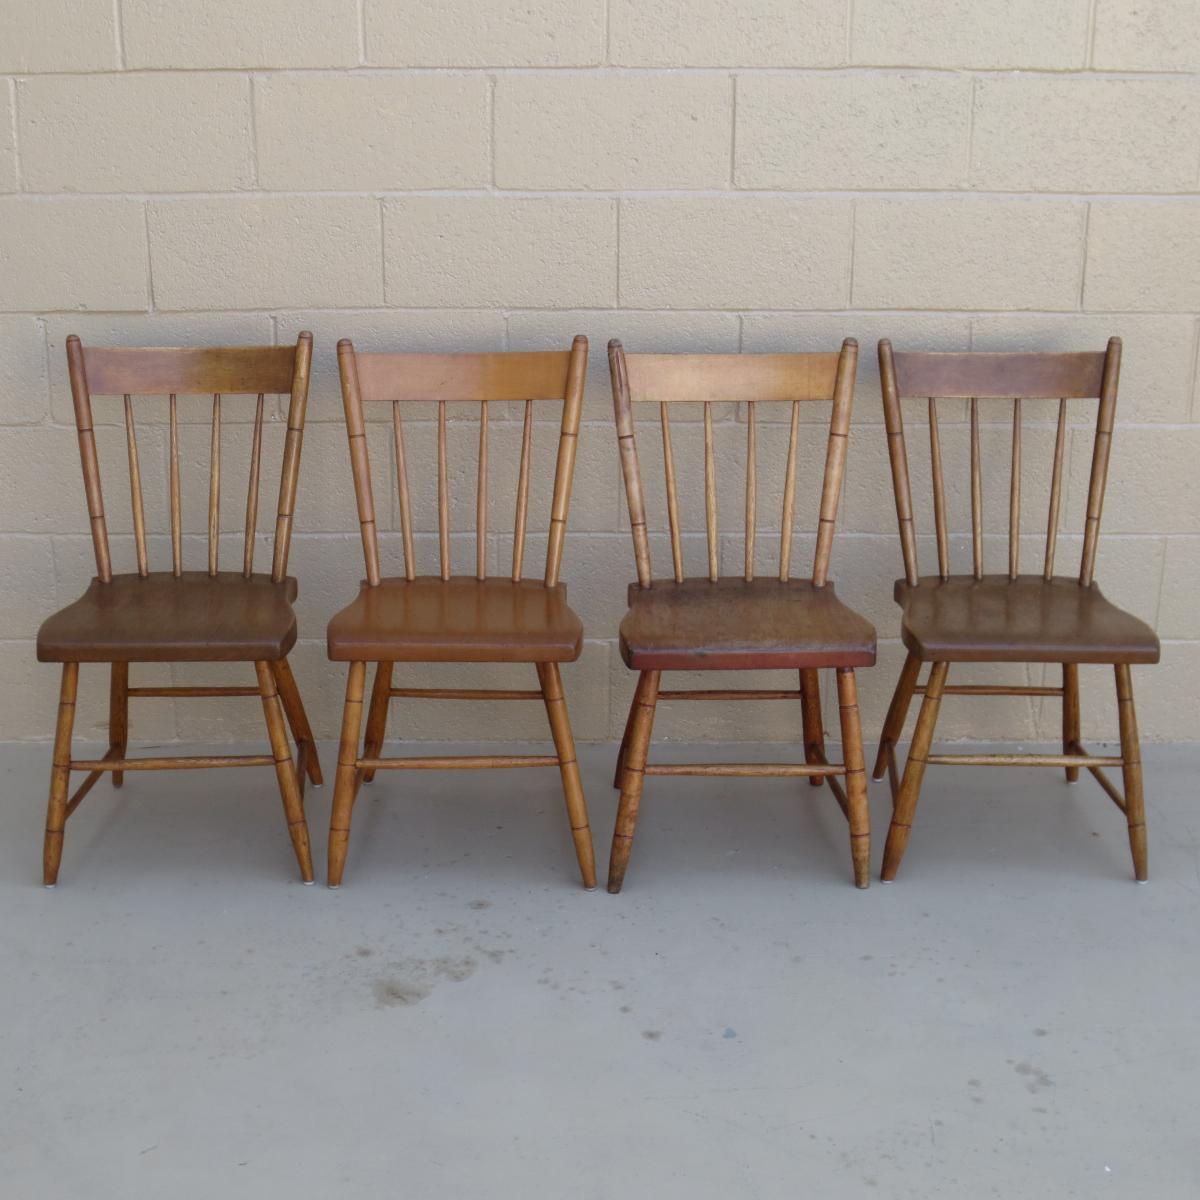 Master Antique Chairs Antique Diningroom Chairs Antique Furniture vintage dining chairs